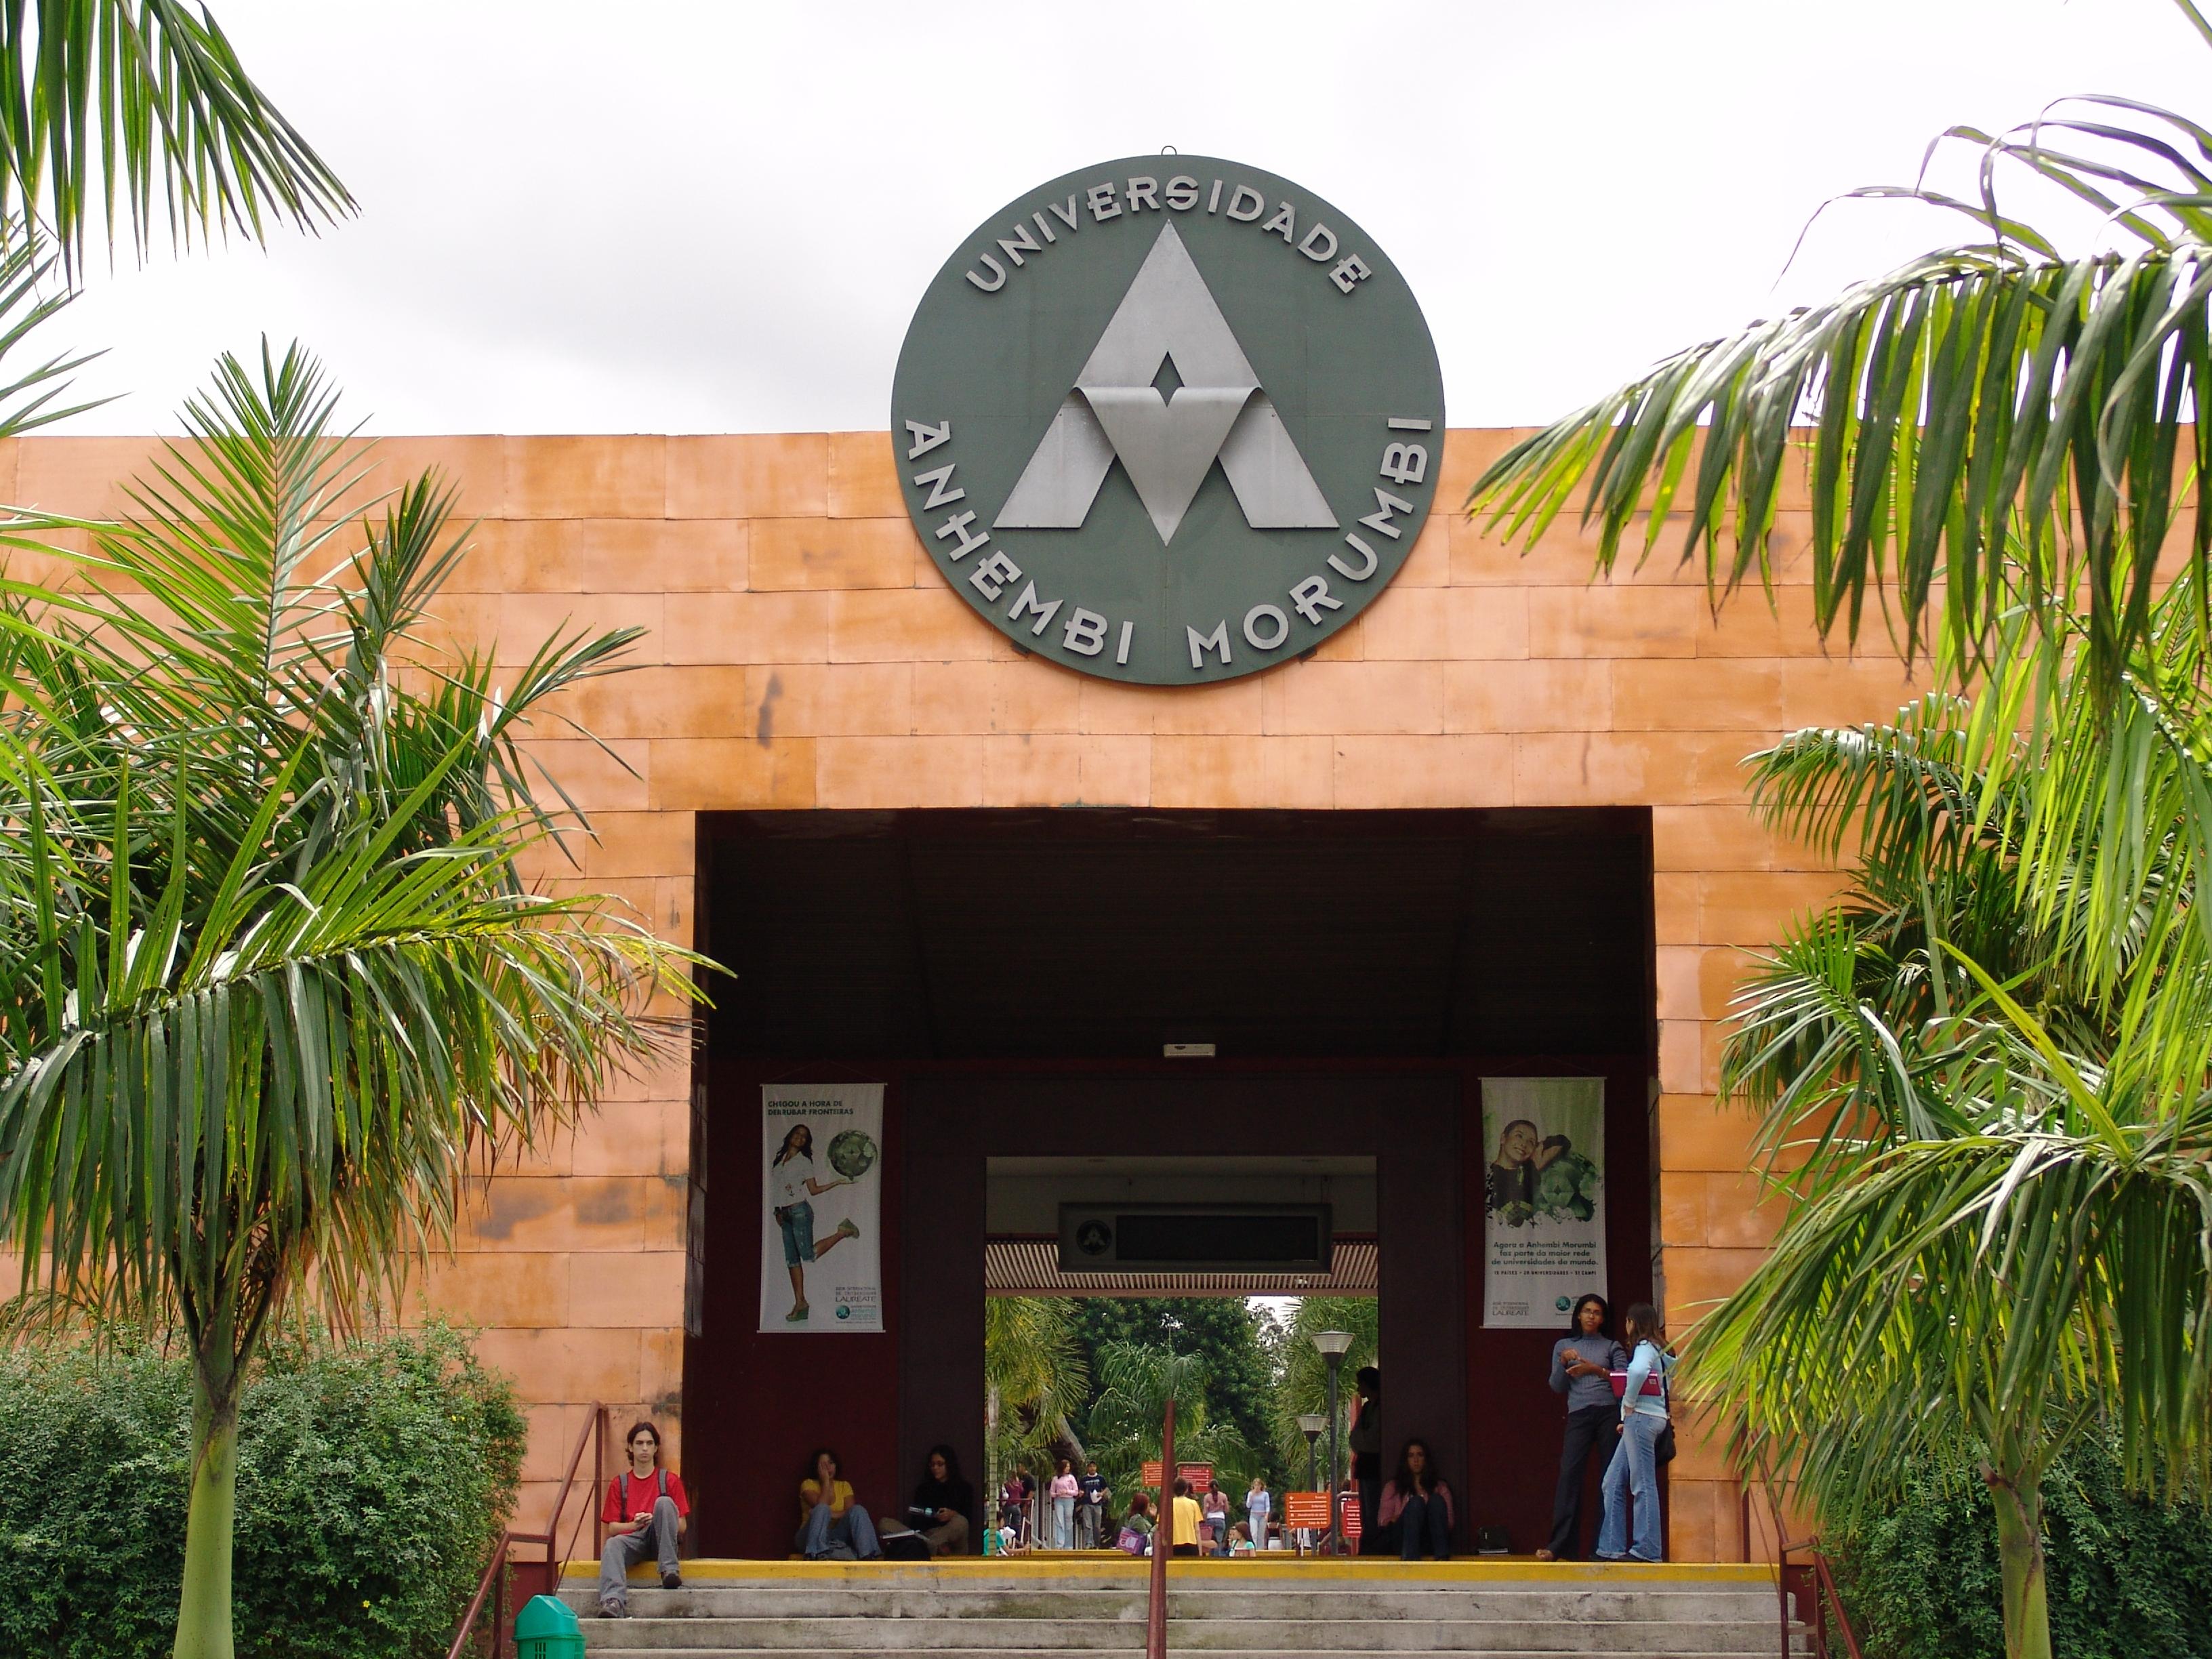 Veja o que saiu no Migalhas sobre Universidade Anhembi Morumbi